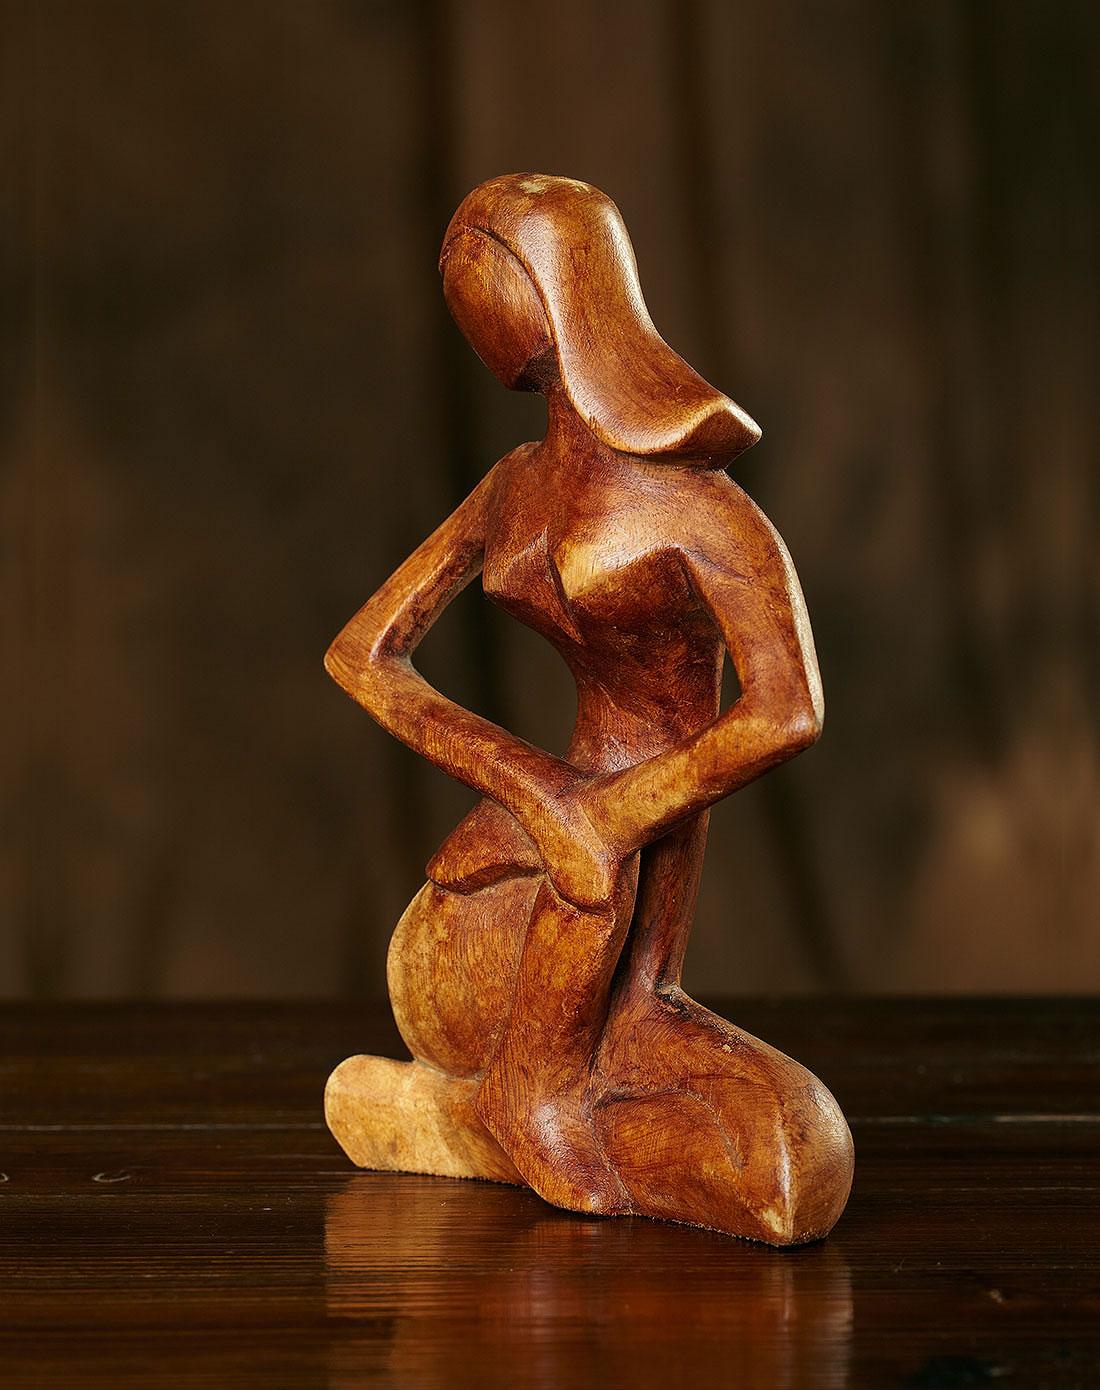 巴厘岛】唯美女人.手工木雕